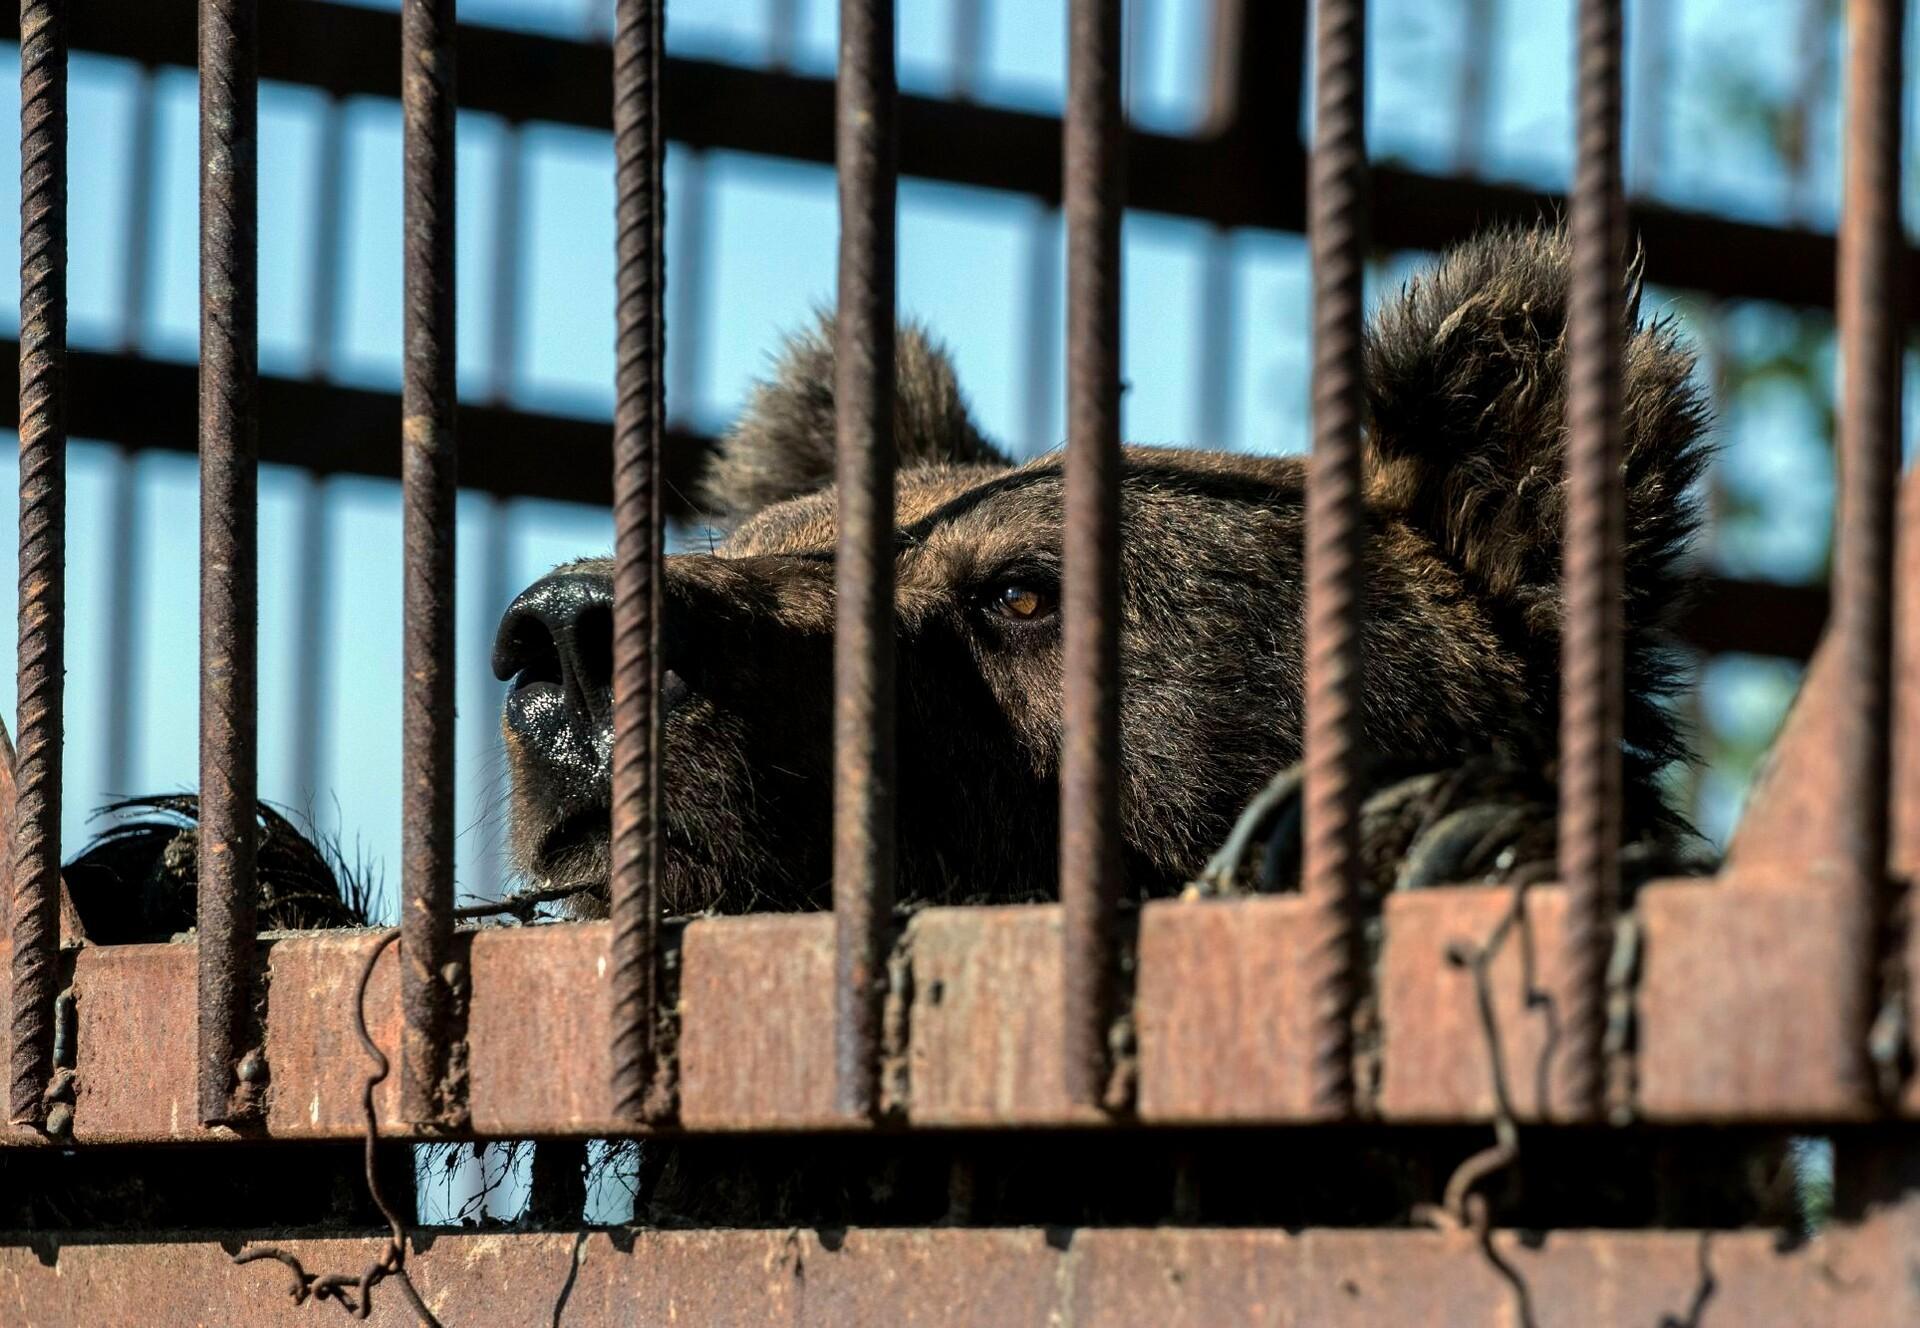 Bär im Käfig in Serbien